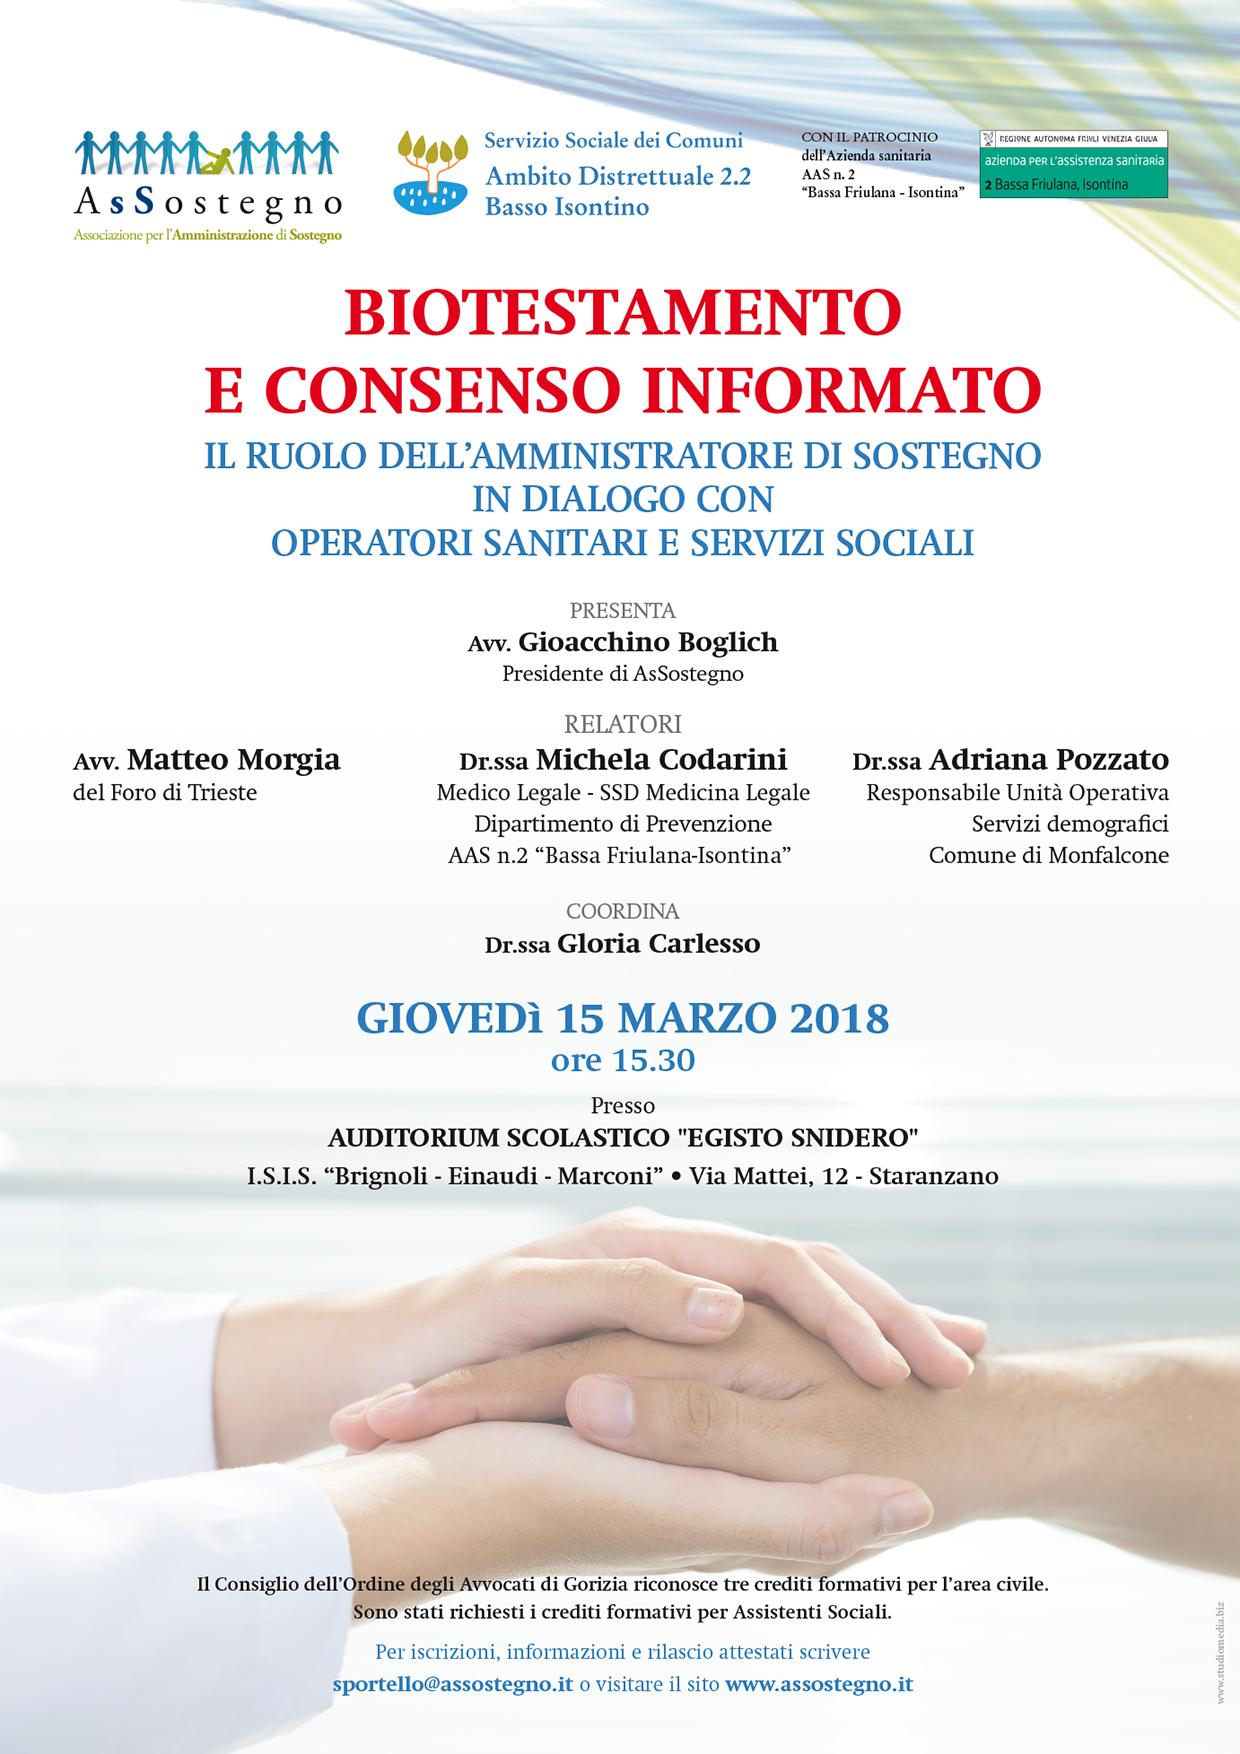 Assostegno BioT 2018